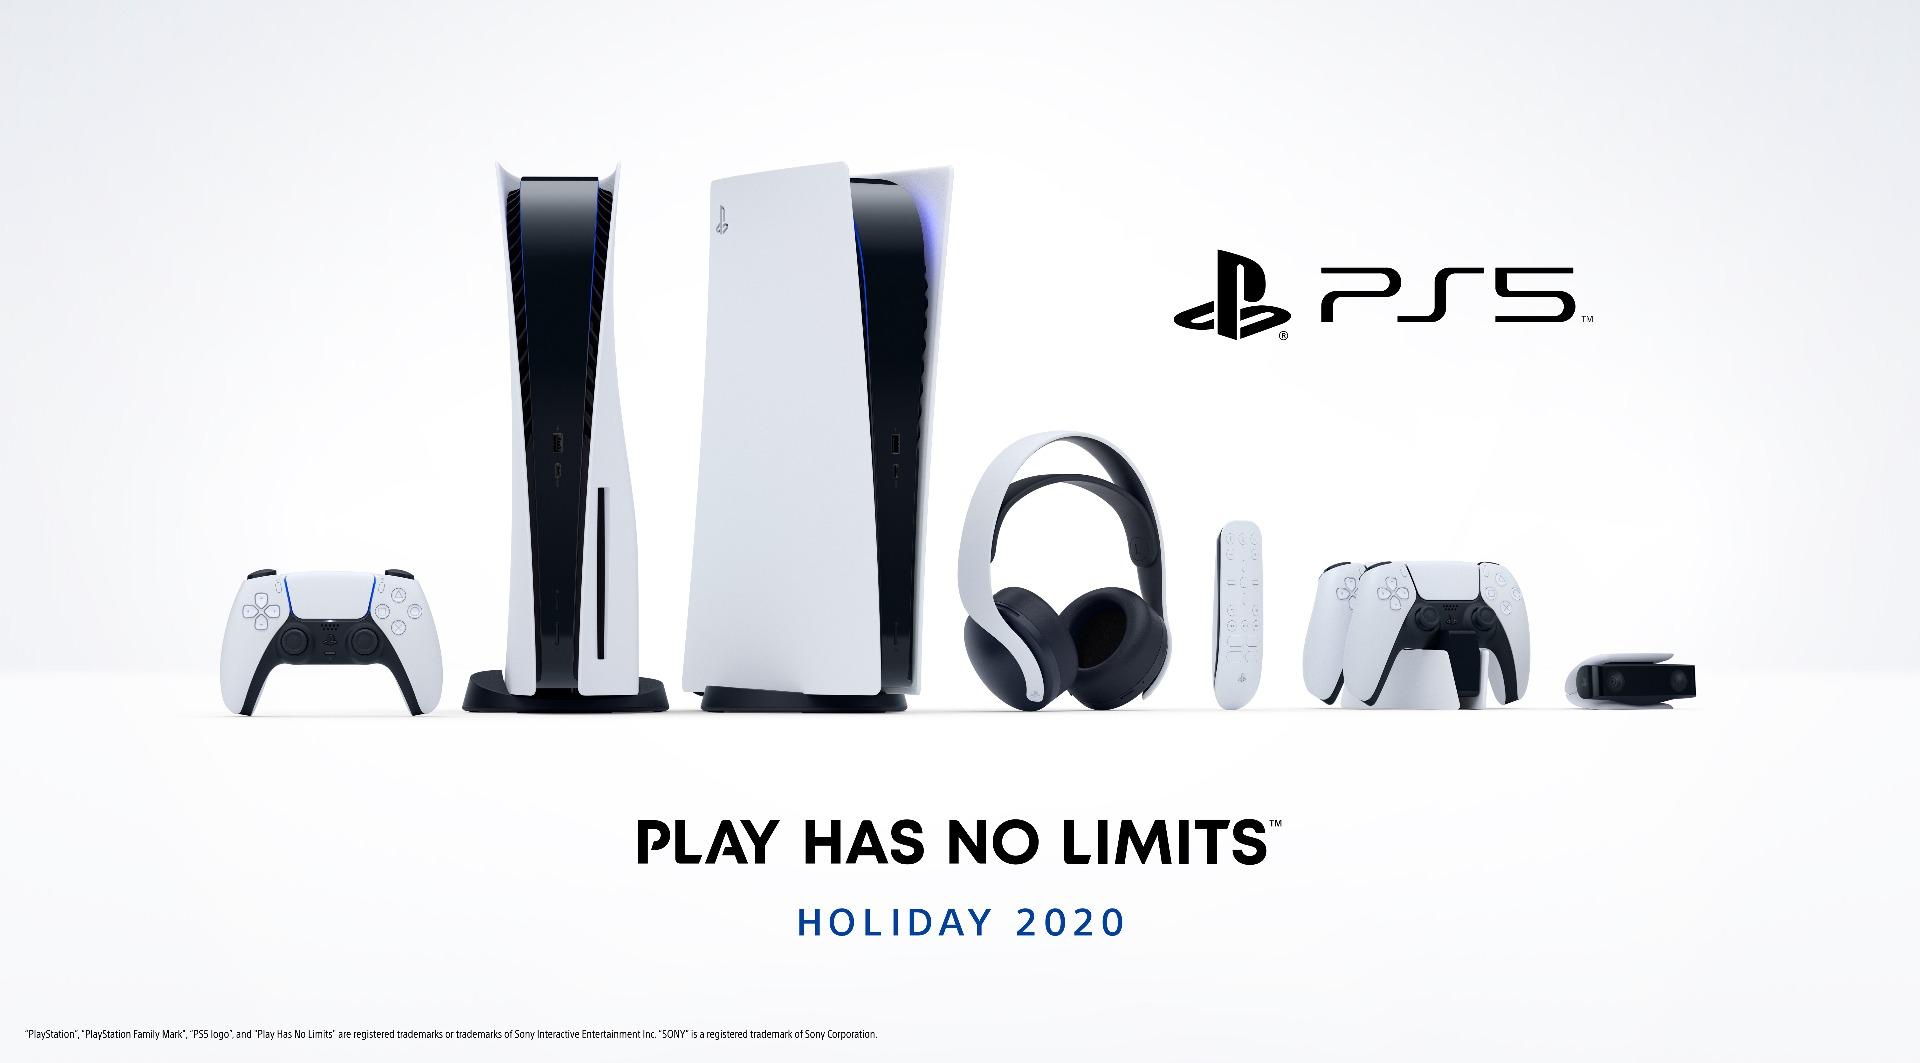 PS5 winter promo